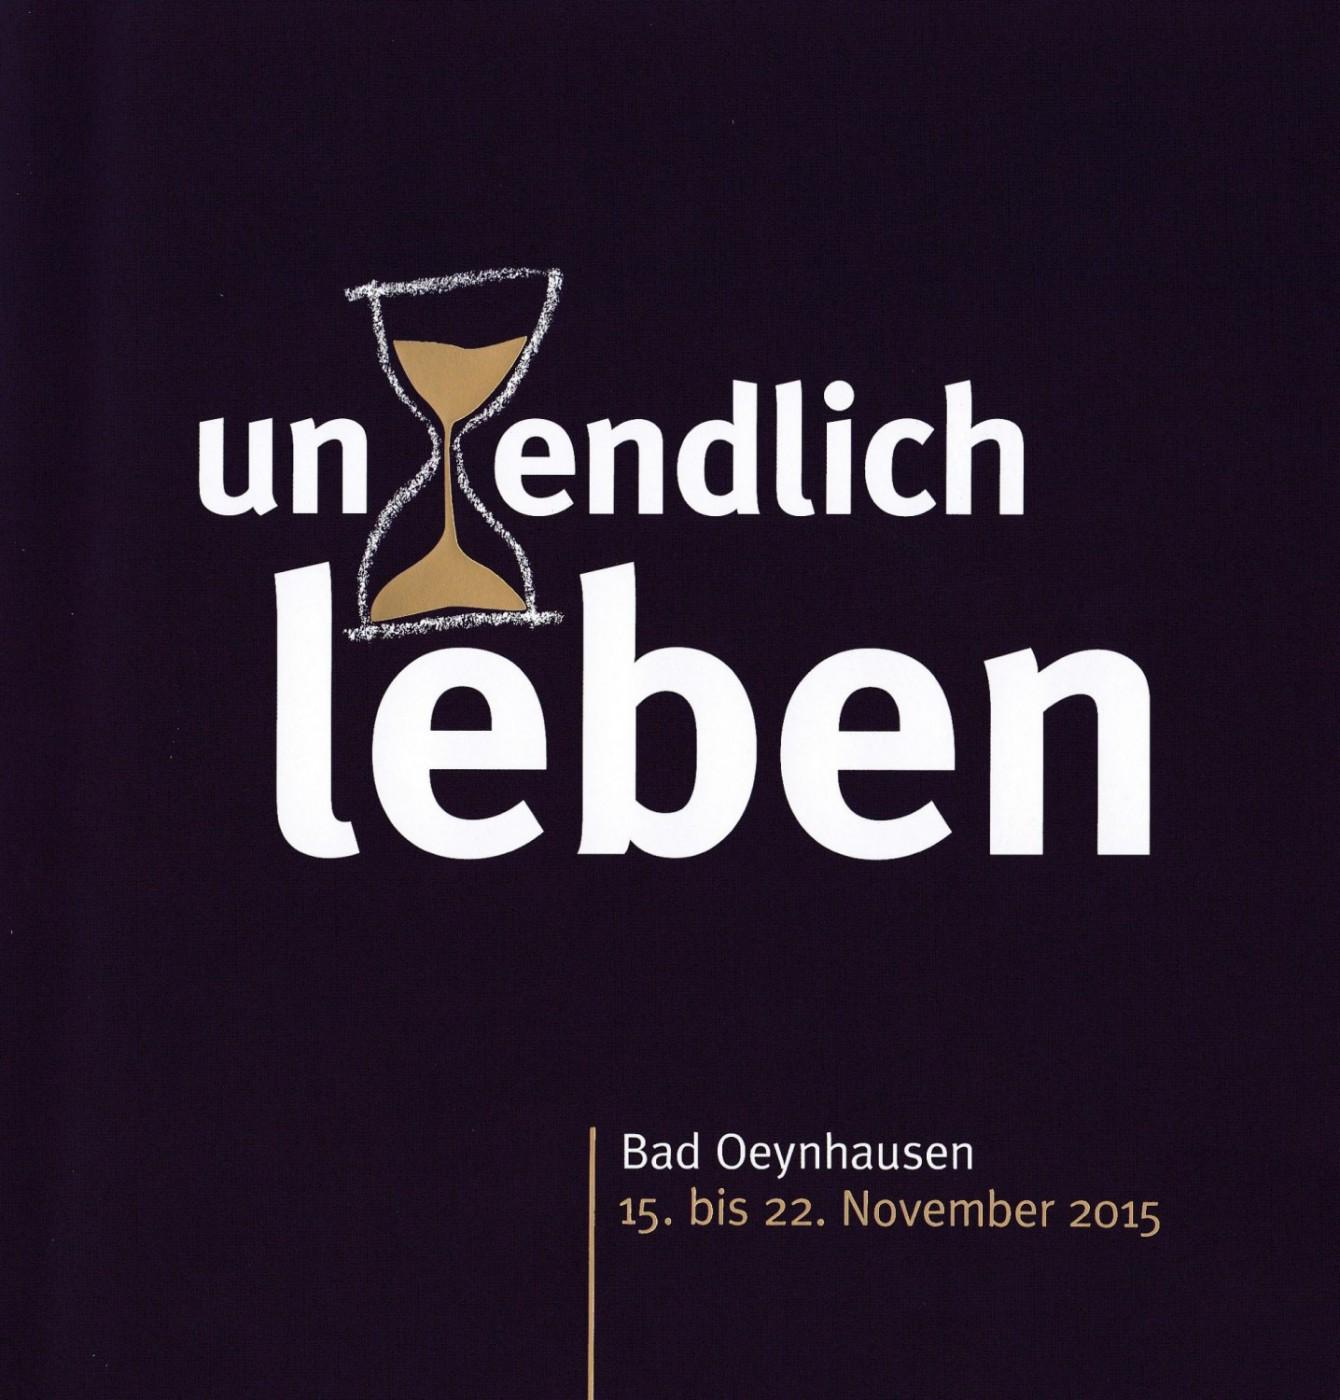 aus-2015-unendlich-leben-bad-oeynhausen